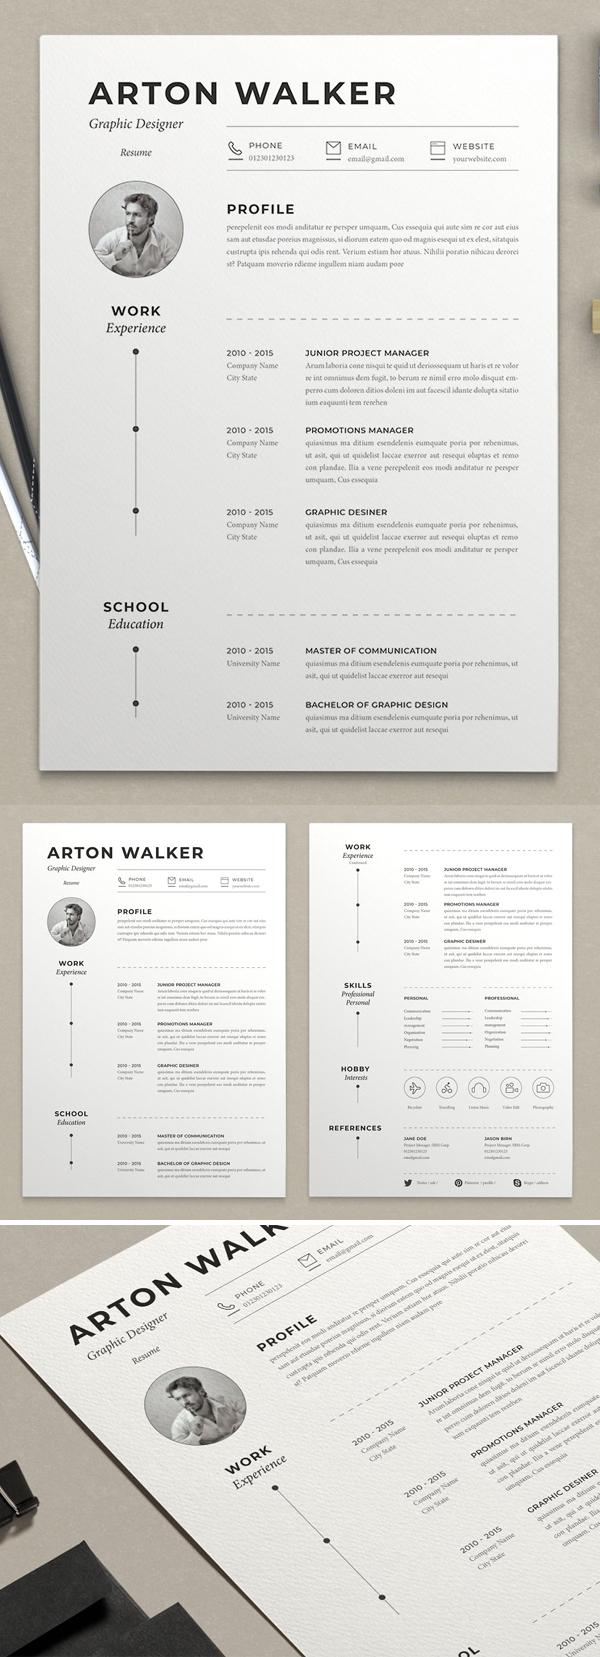 Resume Arton